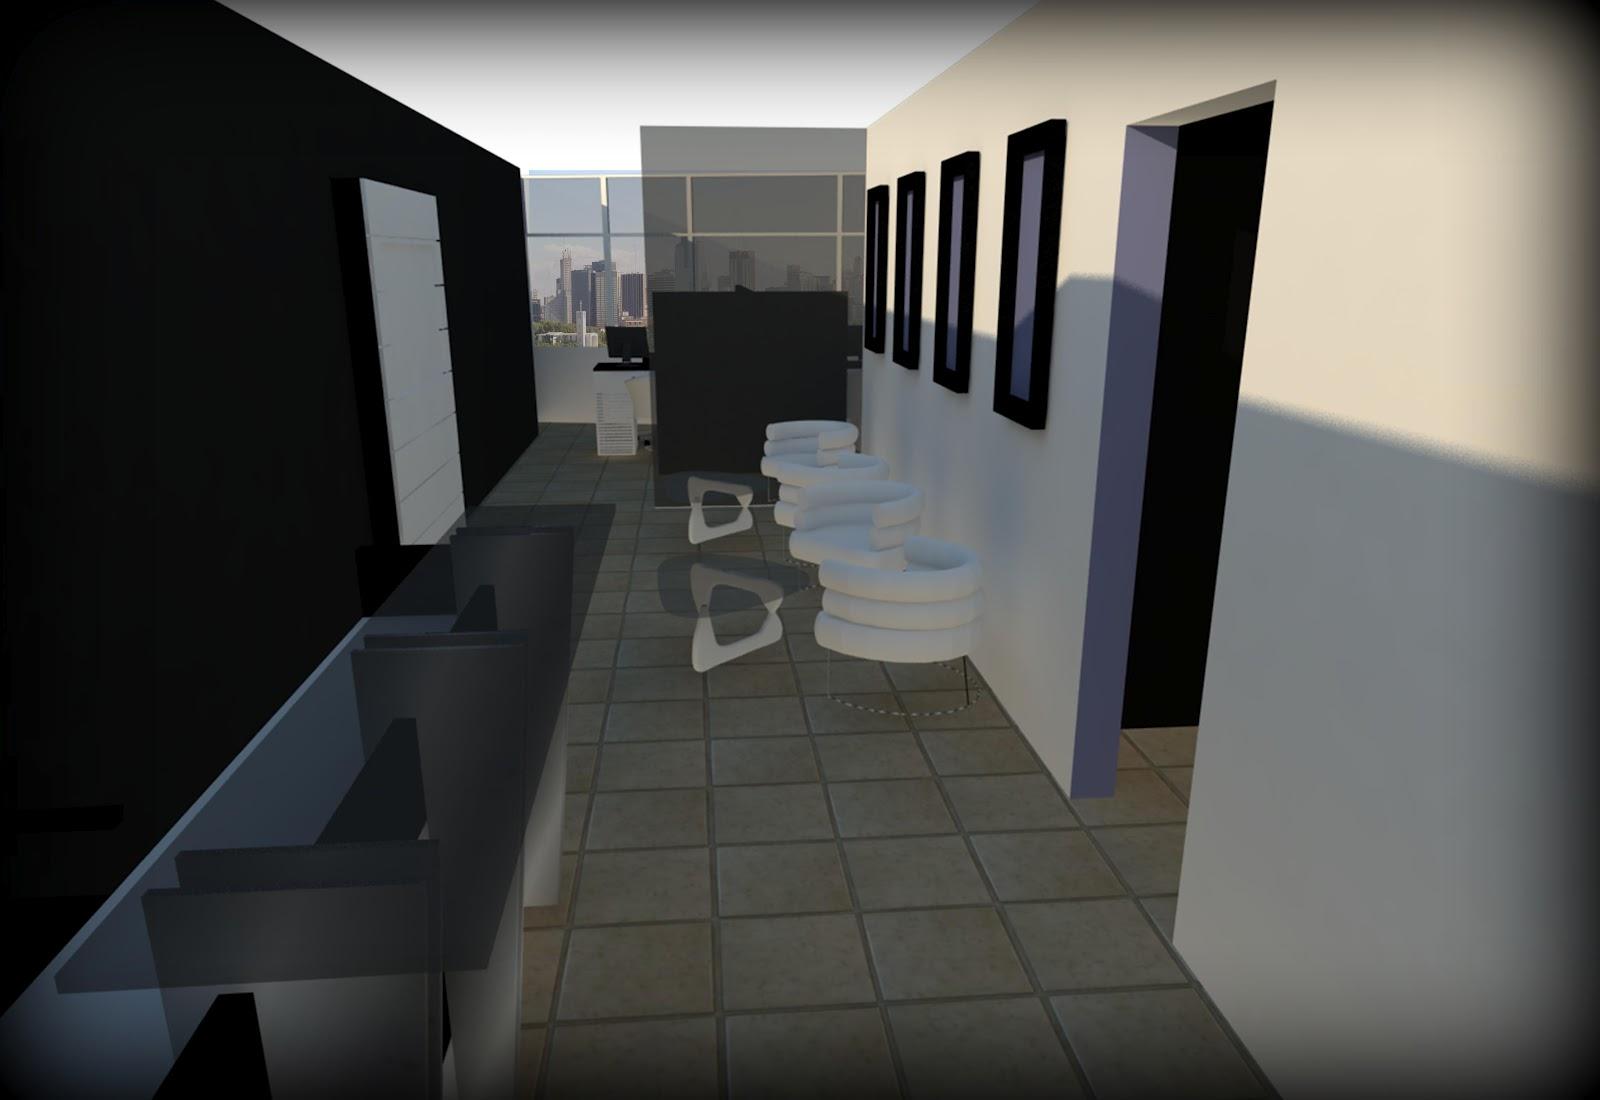 Dise o industrial proyecto oficina de turismo for Oficinas de diseno industrial